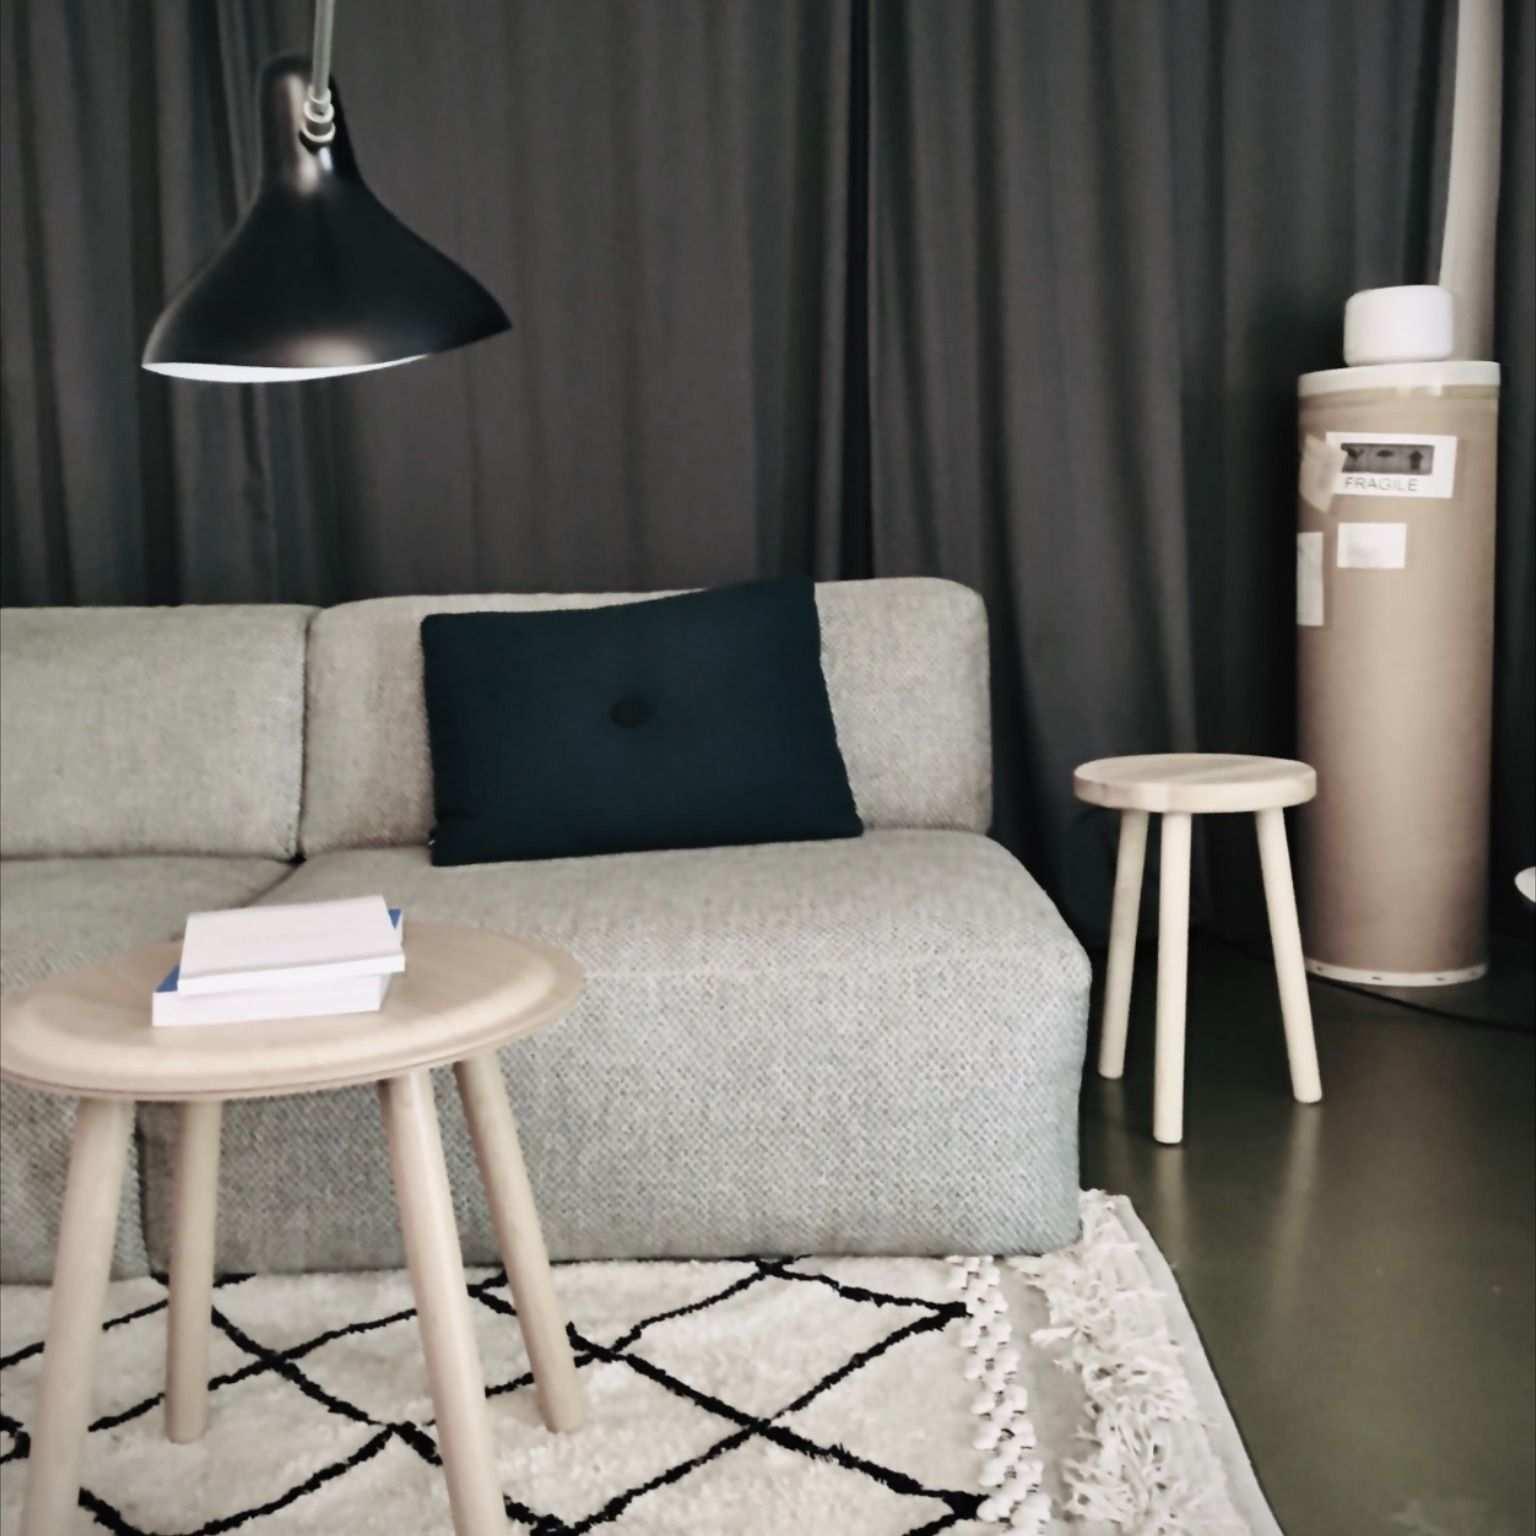 Modernes Wg Wohnzimmer Wohnzimmer Haus Deko Inneneinrichtung